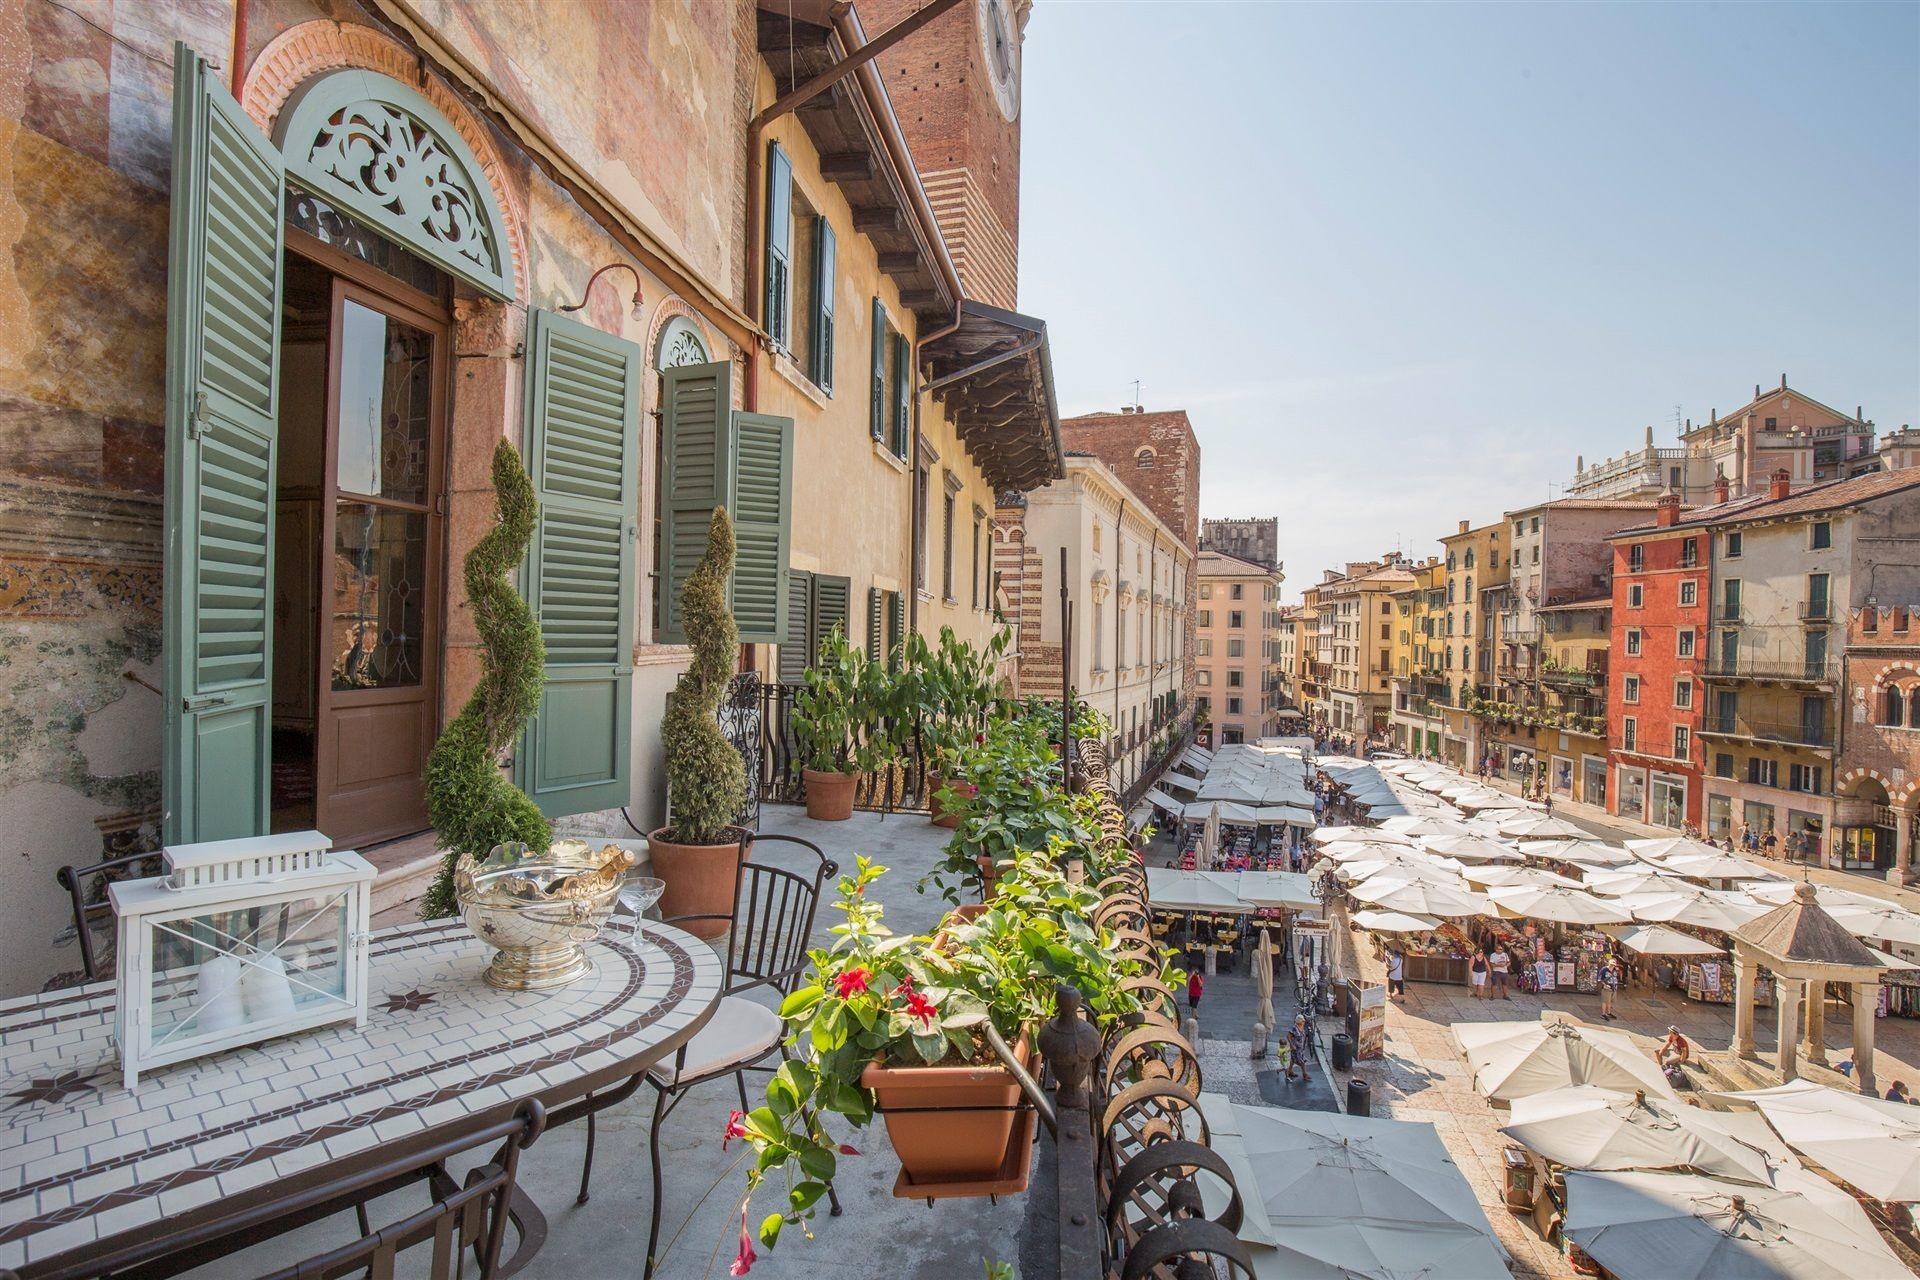 Doświadczenie z pobytu w Weronie, Włochy, dzięki Marica